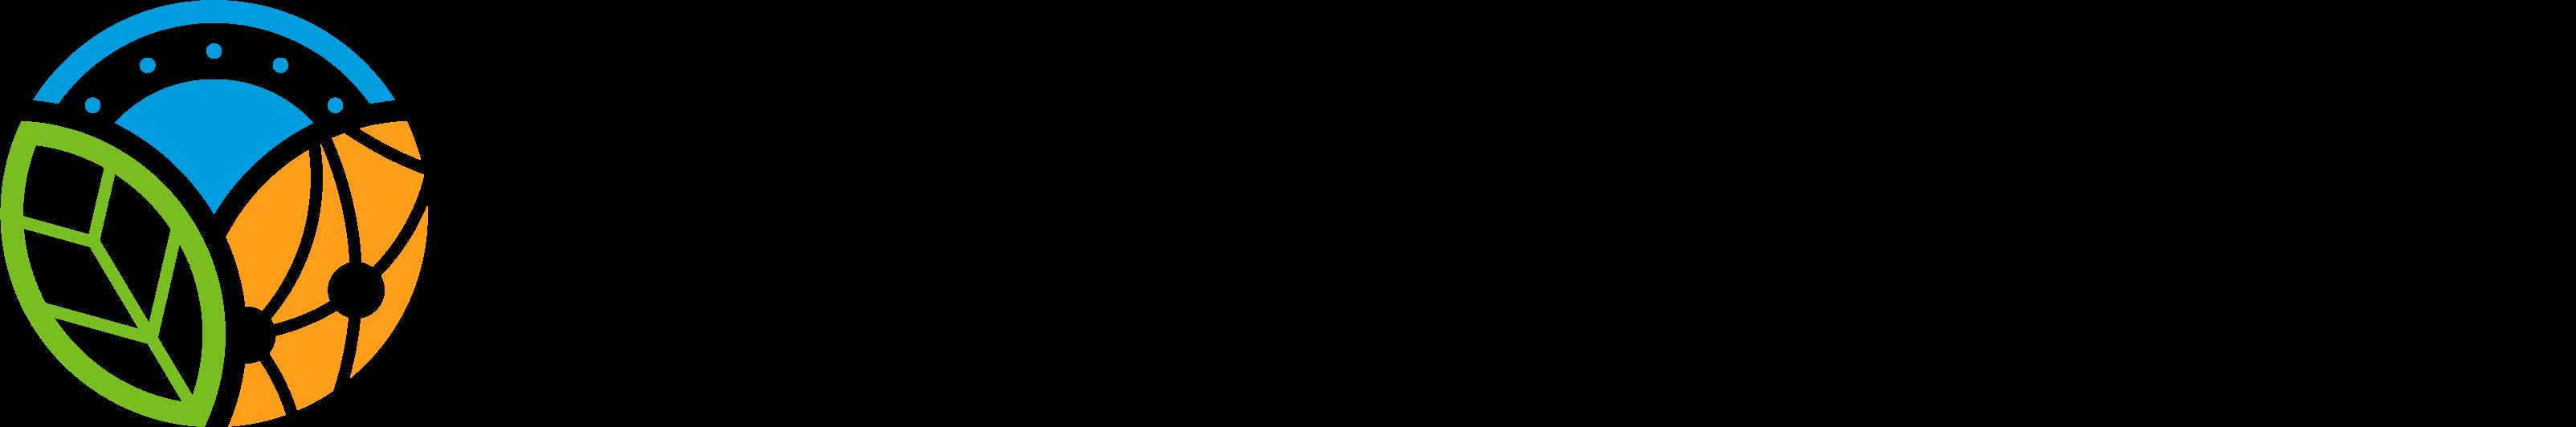 Logo Genossenschaftsverband - Verband der Regionen e. V.